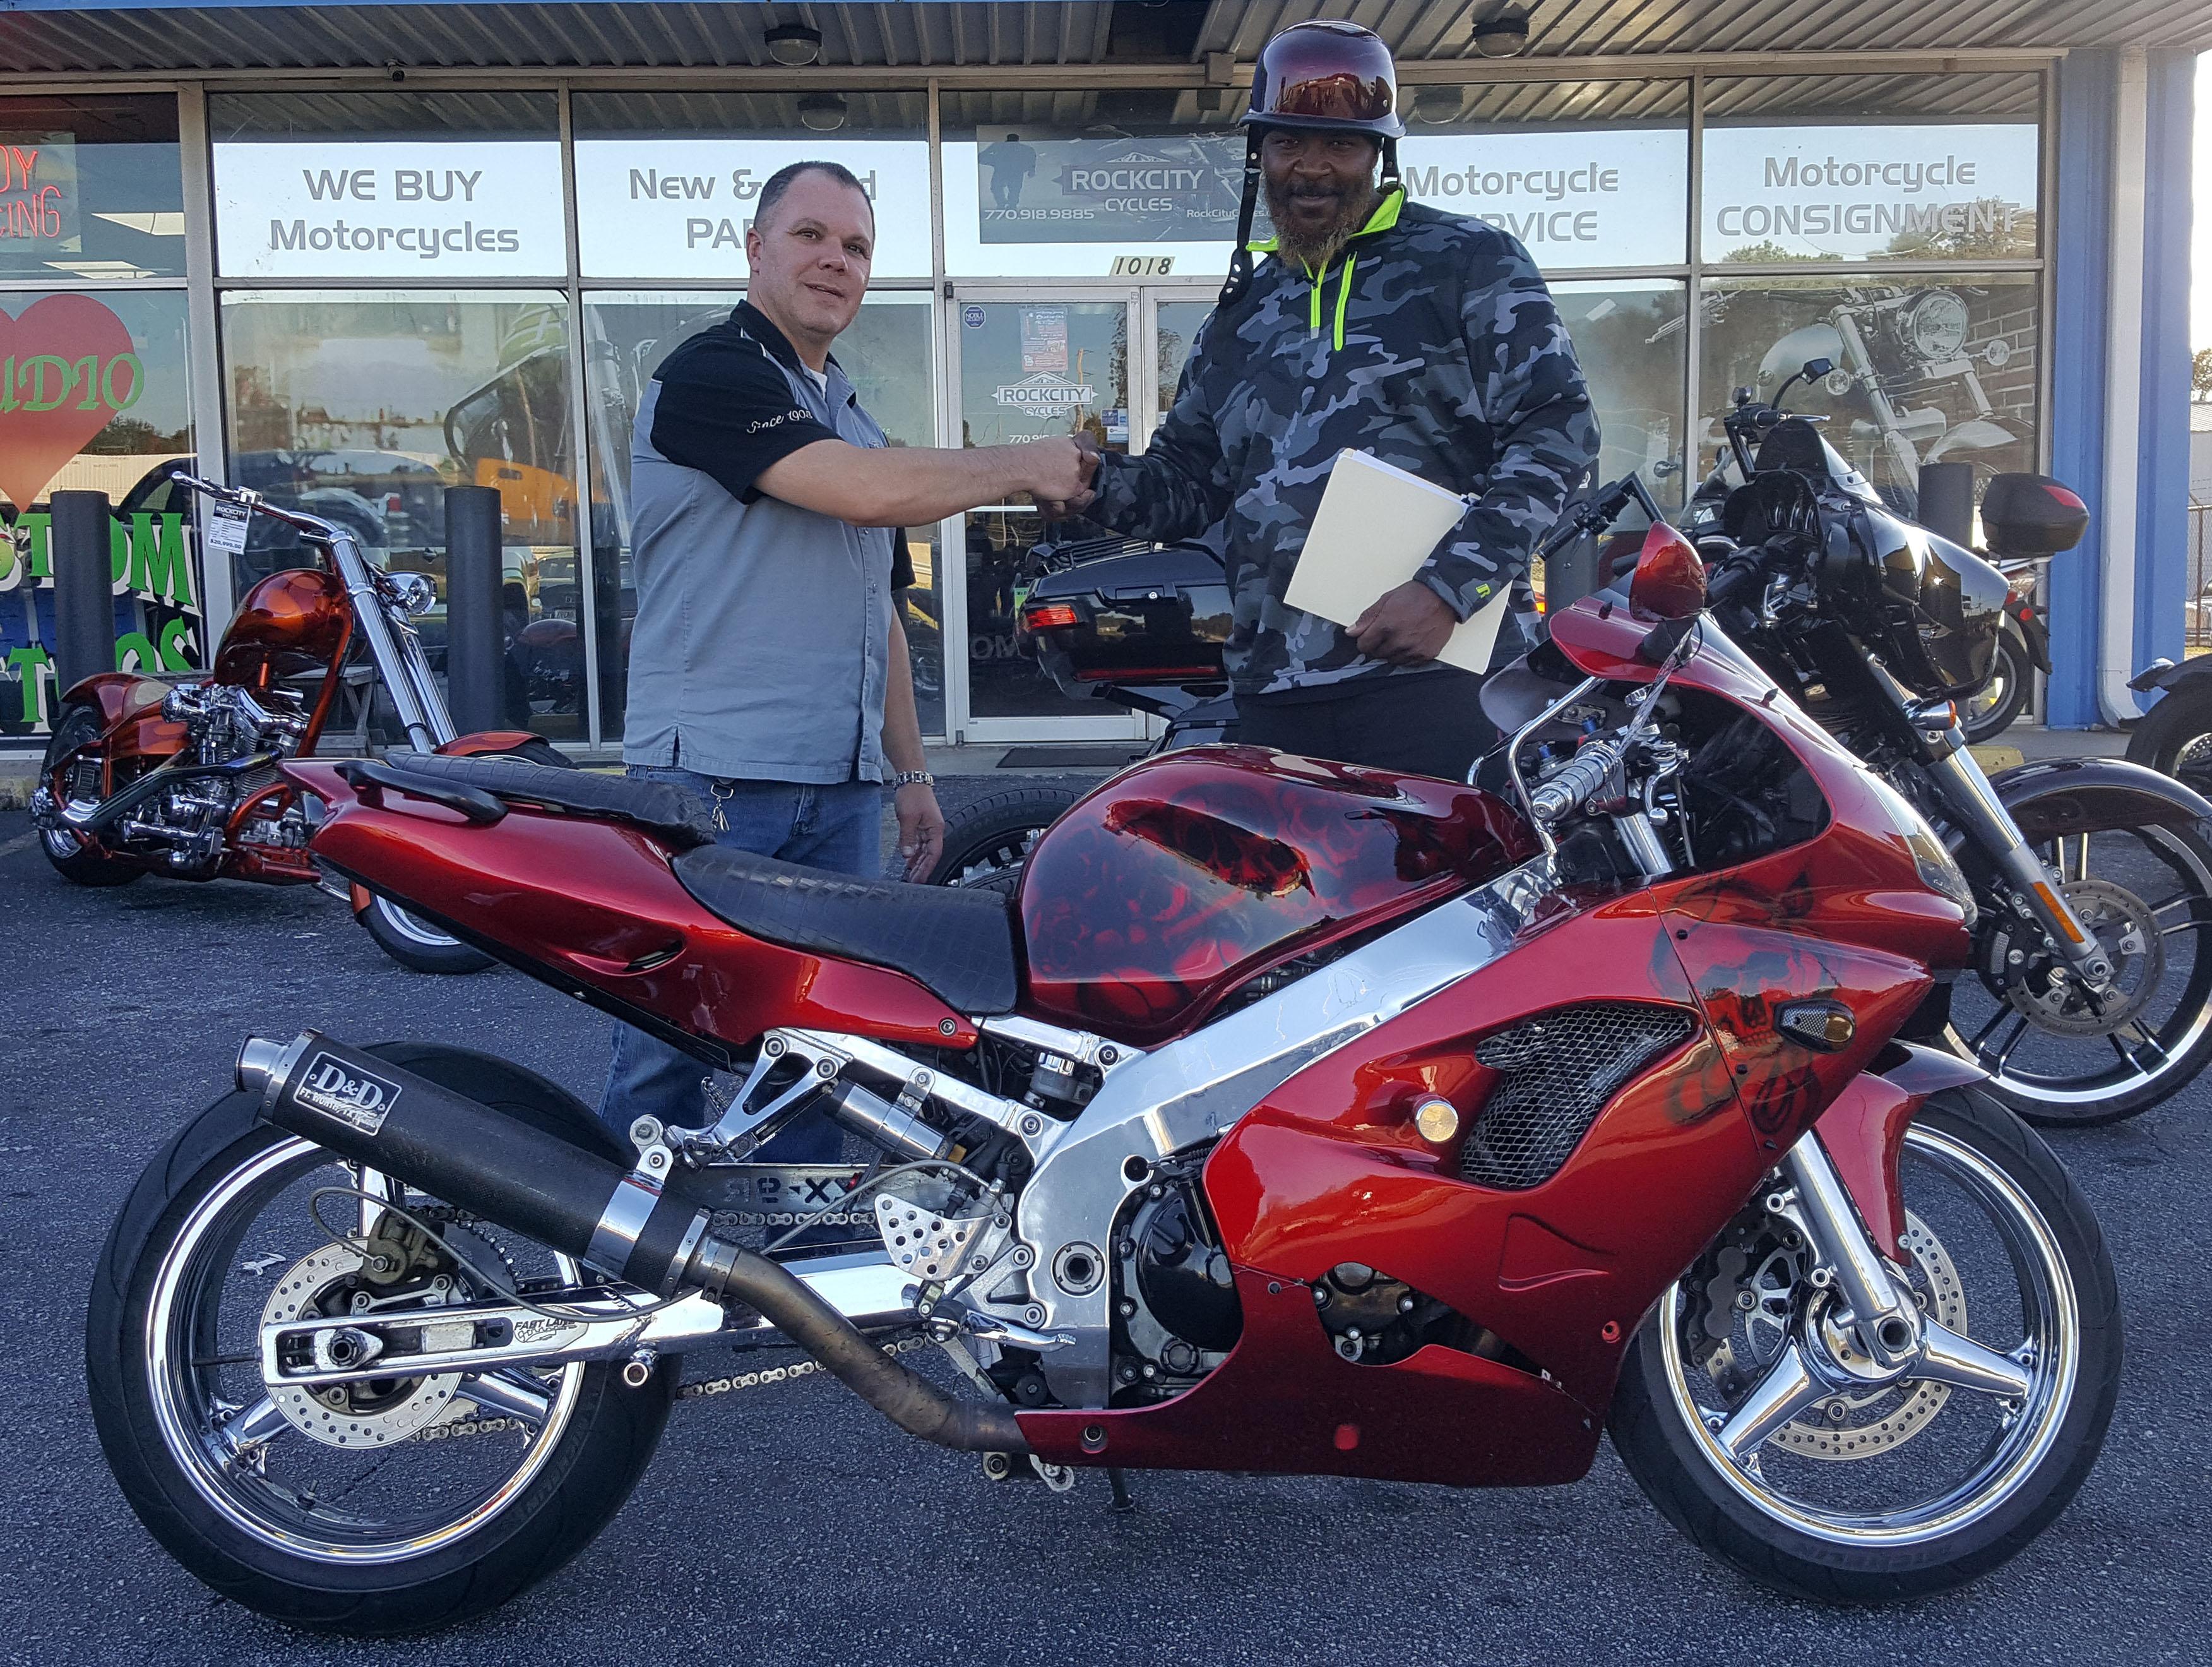 Christopher C. with his 2001 Kawasaki Ninja ZX-9